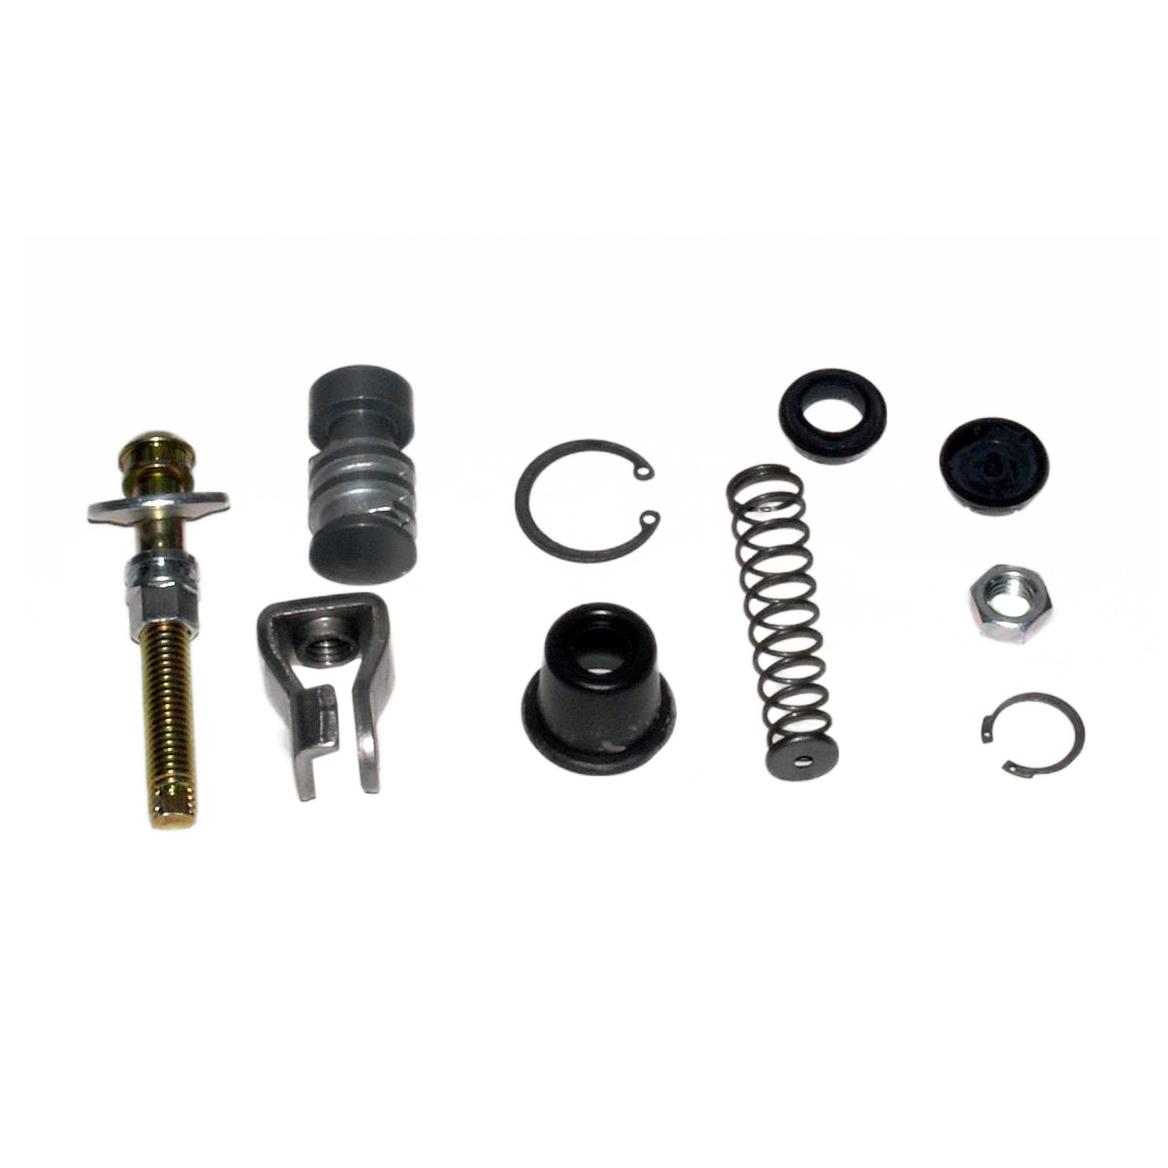 Kit réparation maître-cylindre de frein arrière Tour Max Honda XL 1000